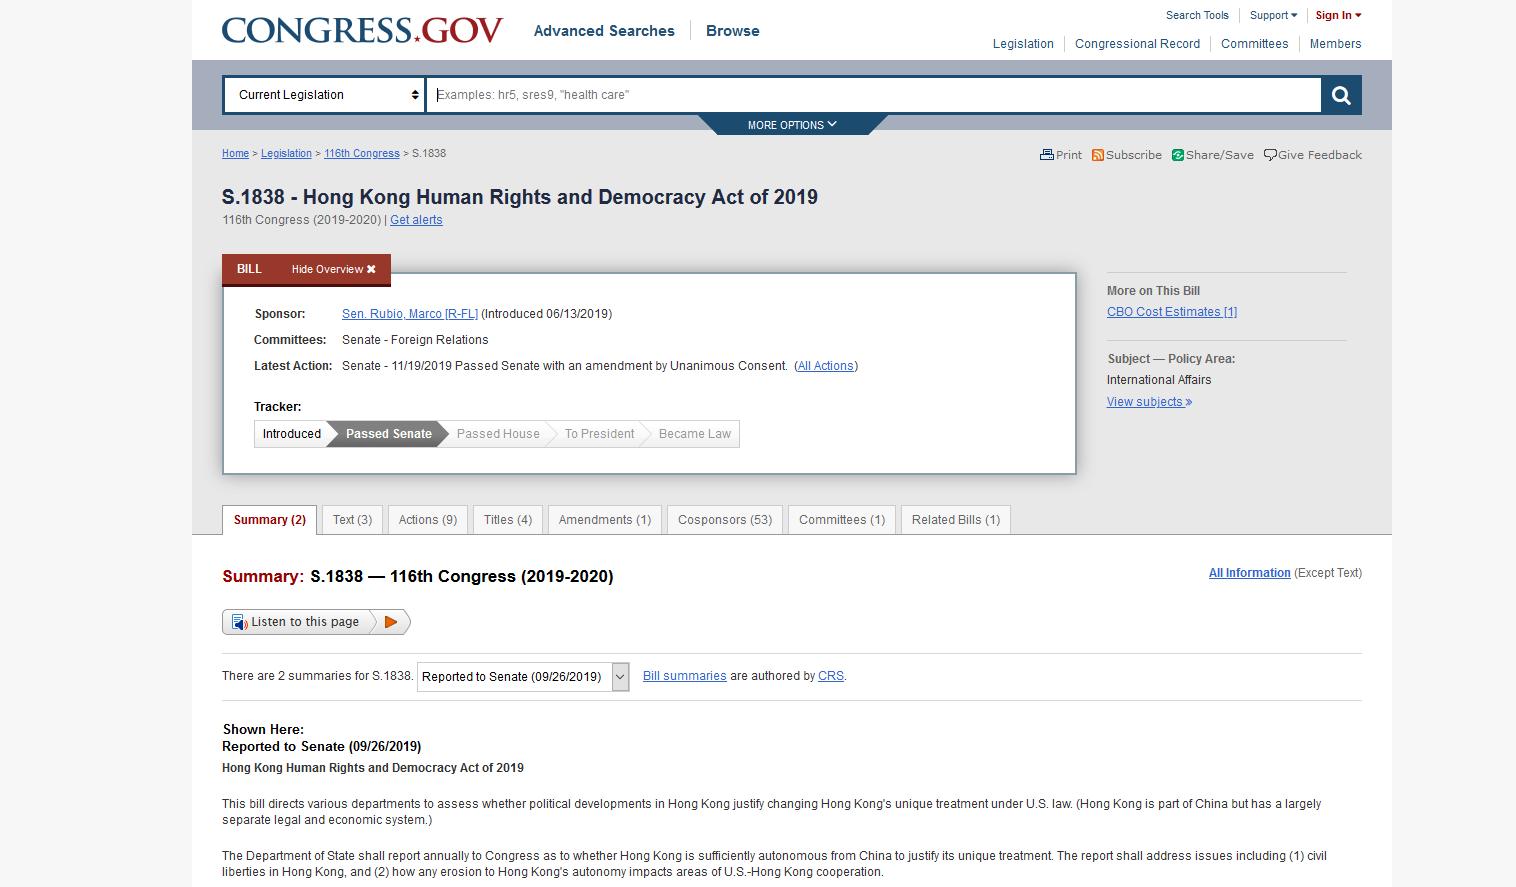 美国联邦众议院2019年11月20日下午就联邦参议院19日刚刚通过的《香港人权及民主法案》(S. 1838)表决,以417票同意、1票反对的压倒性多数,通过参院版本的法案。(美国国会网站截图)